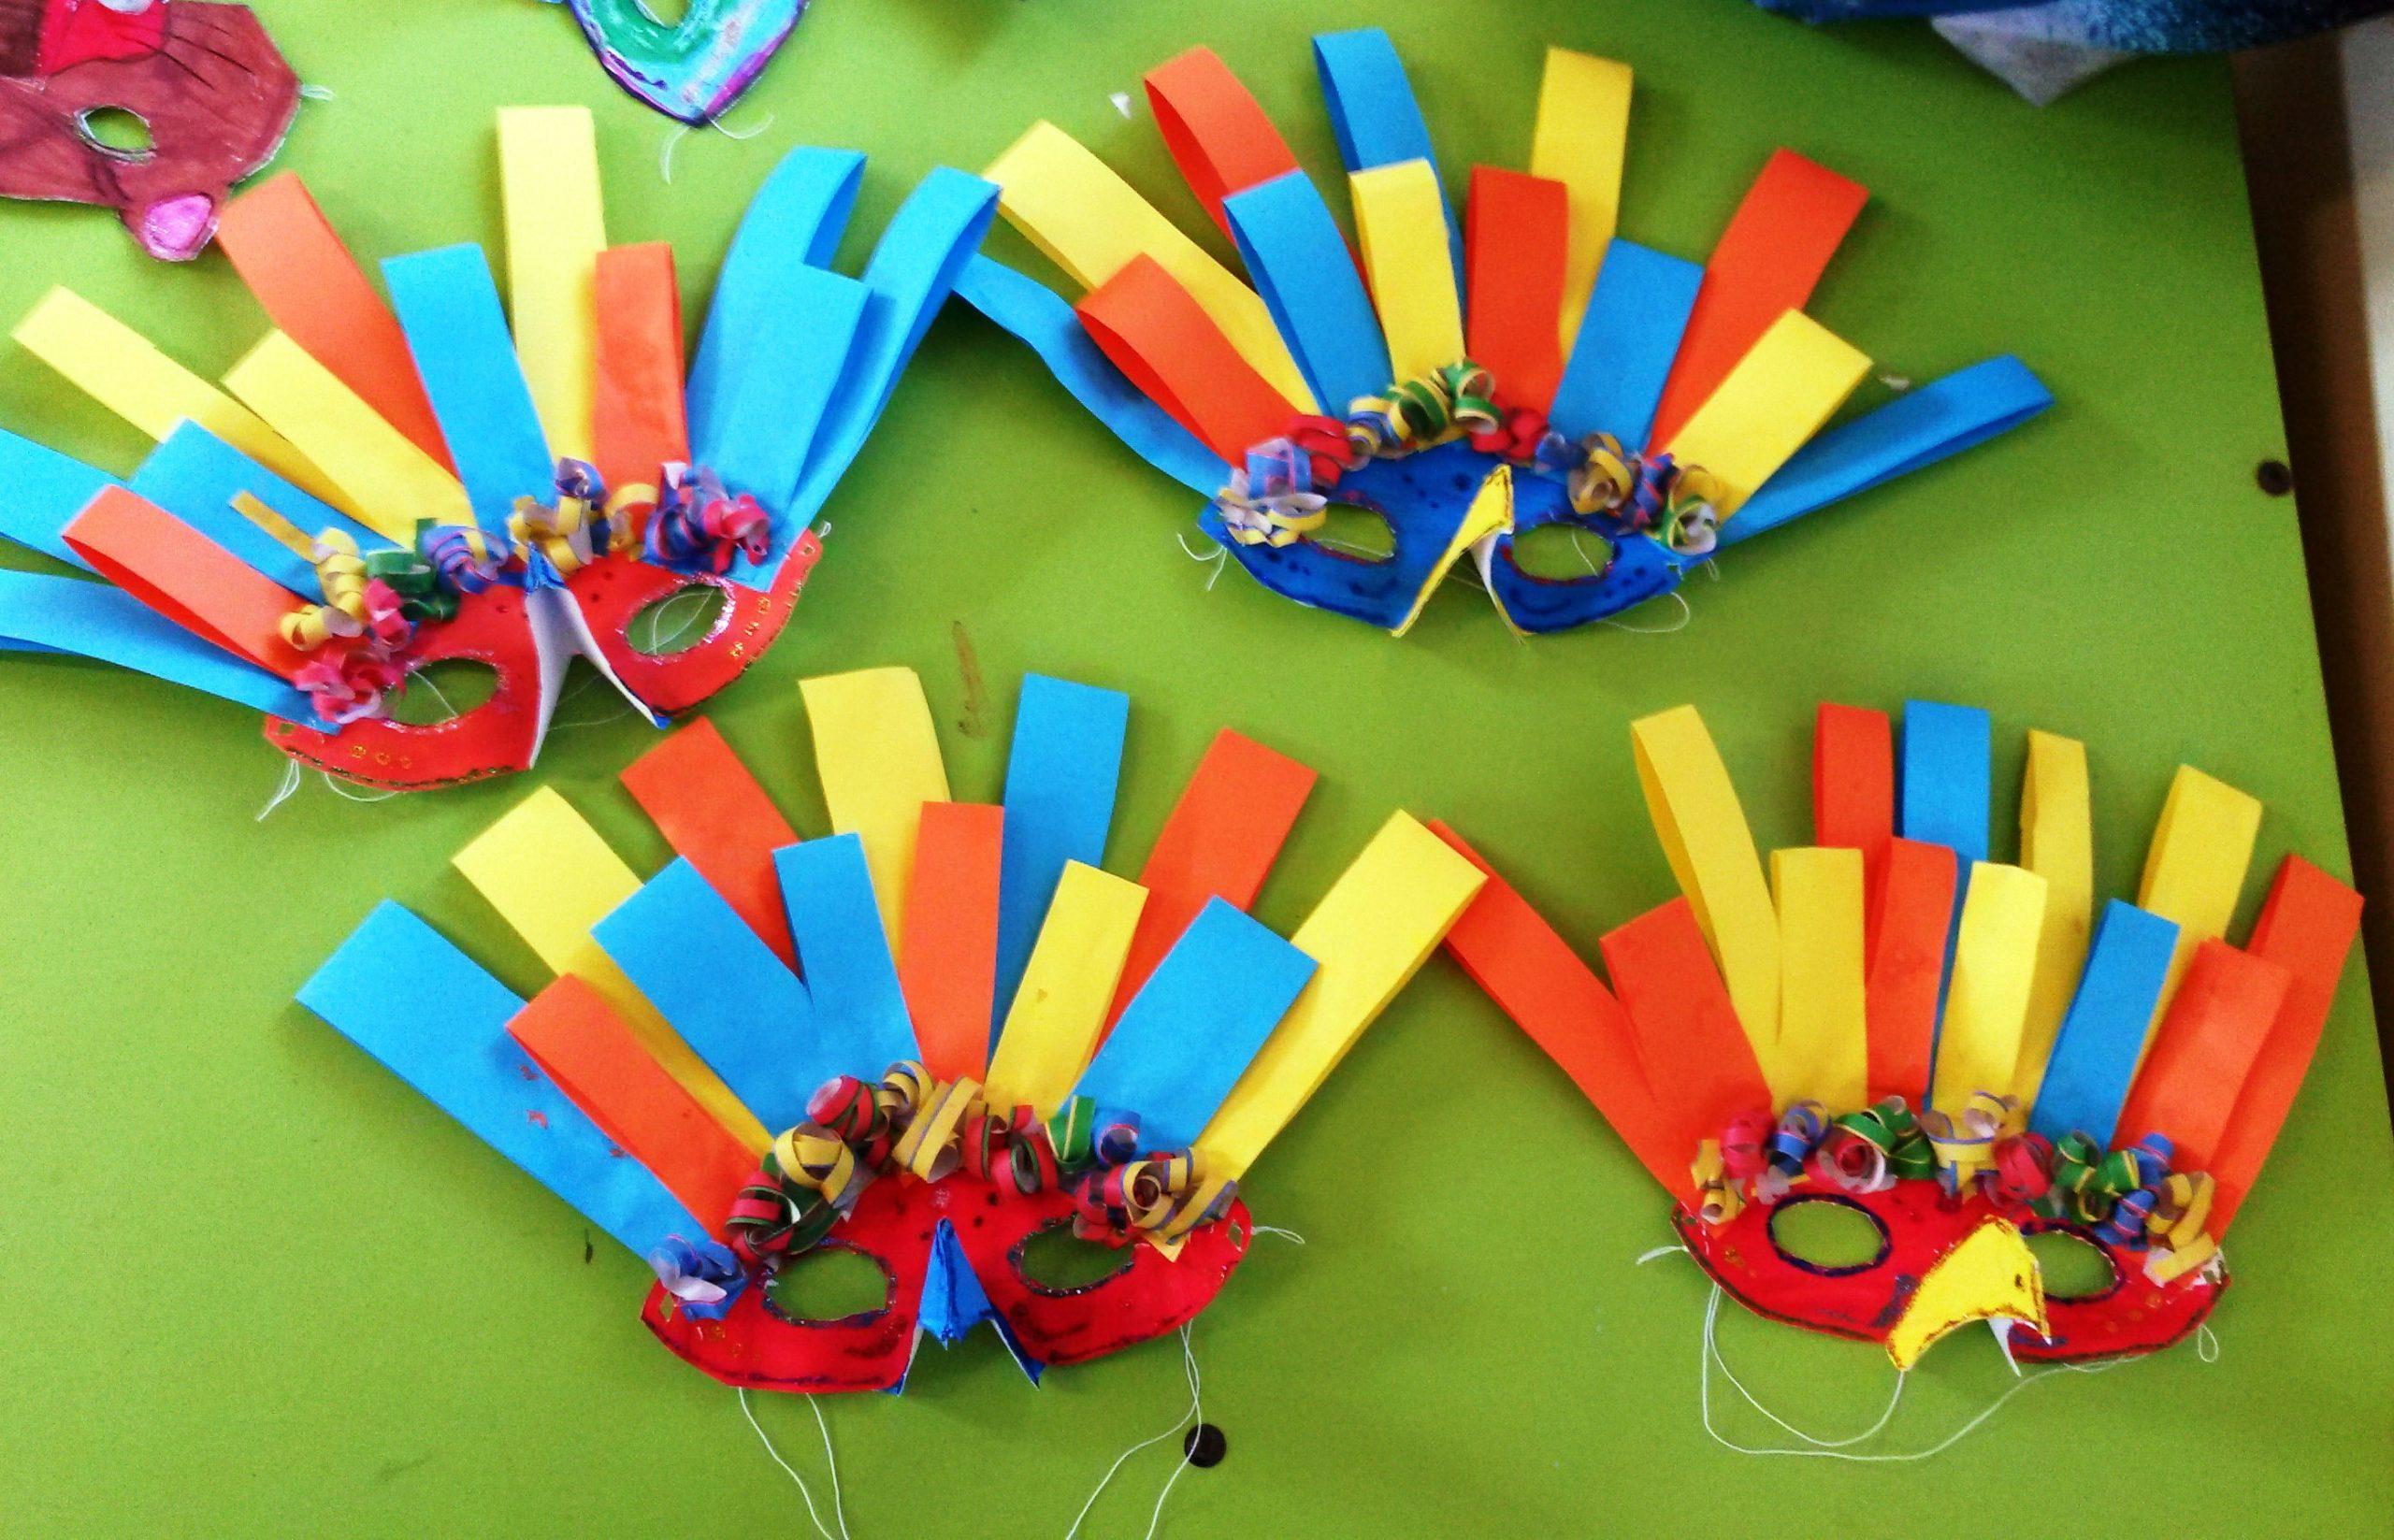 Les Masques-Oiseaux De Carnaval - La Classe De Maoam destiné Masque Maternelle